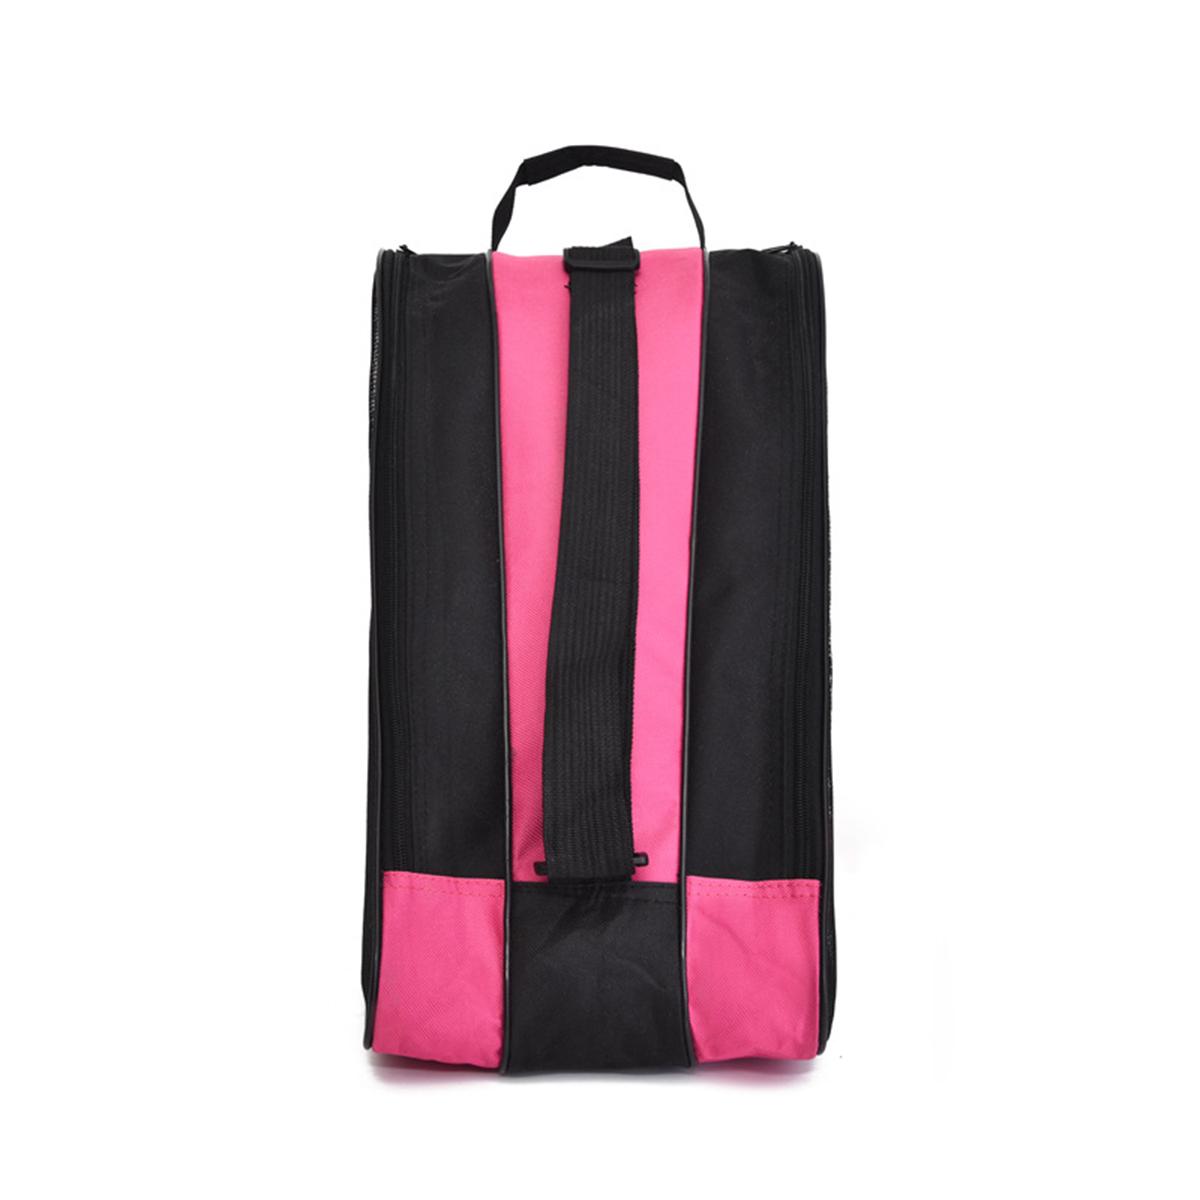 Portable Ice Skate Bag Roller Skate Carry Bag Adjust Shoulder Strap Carry Case